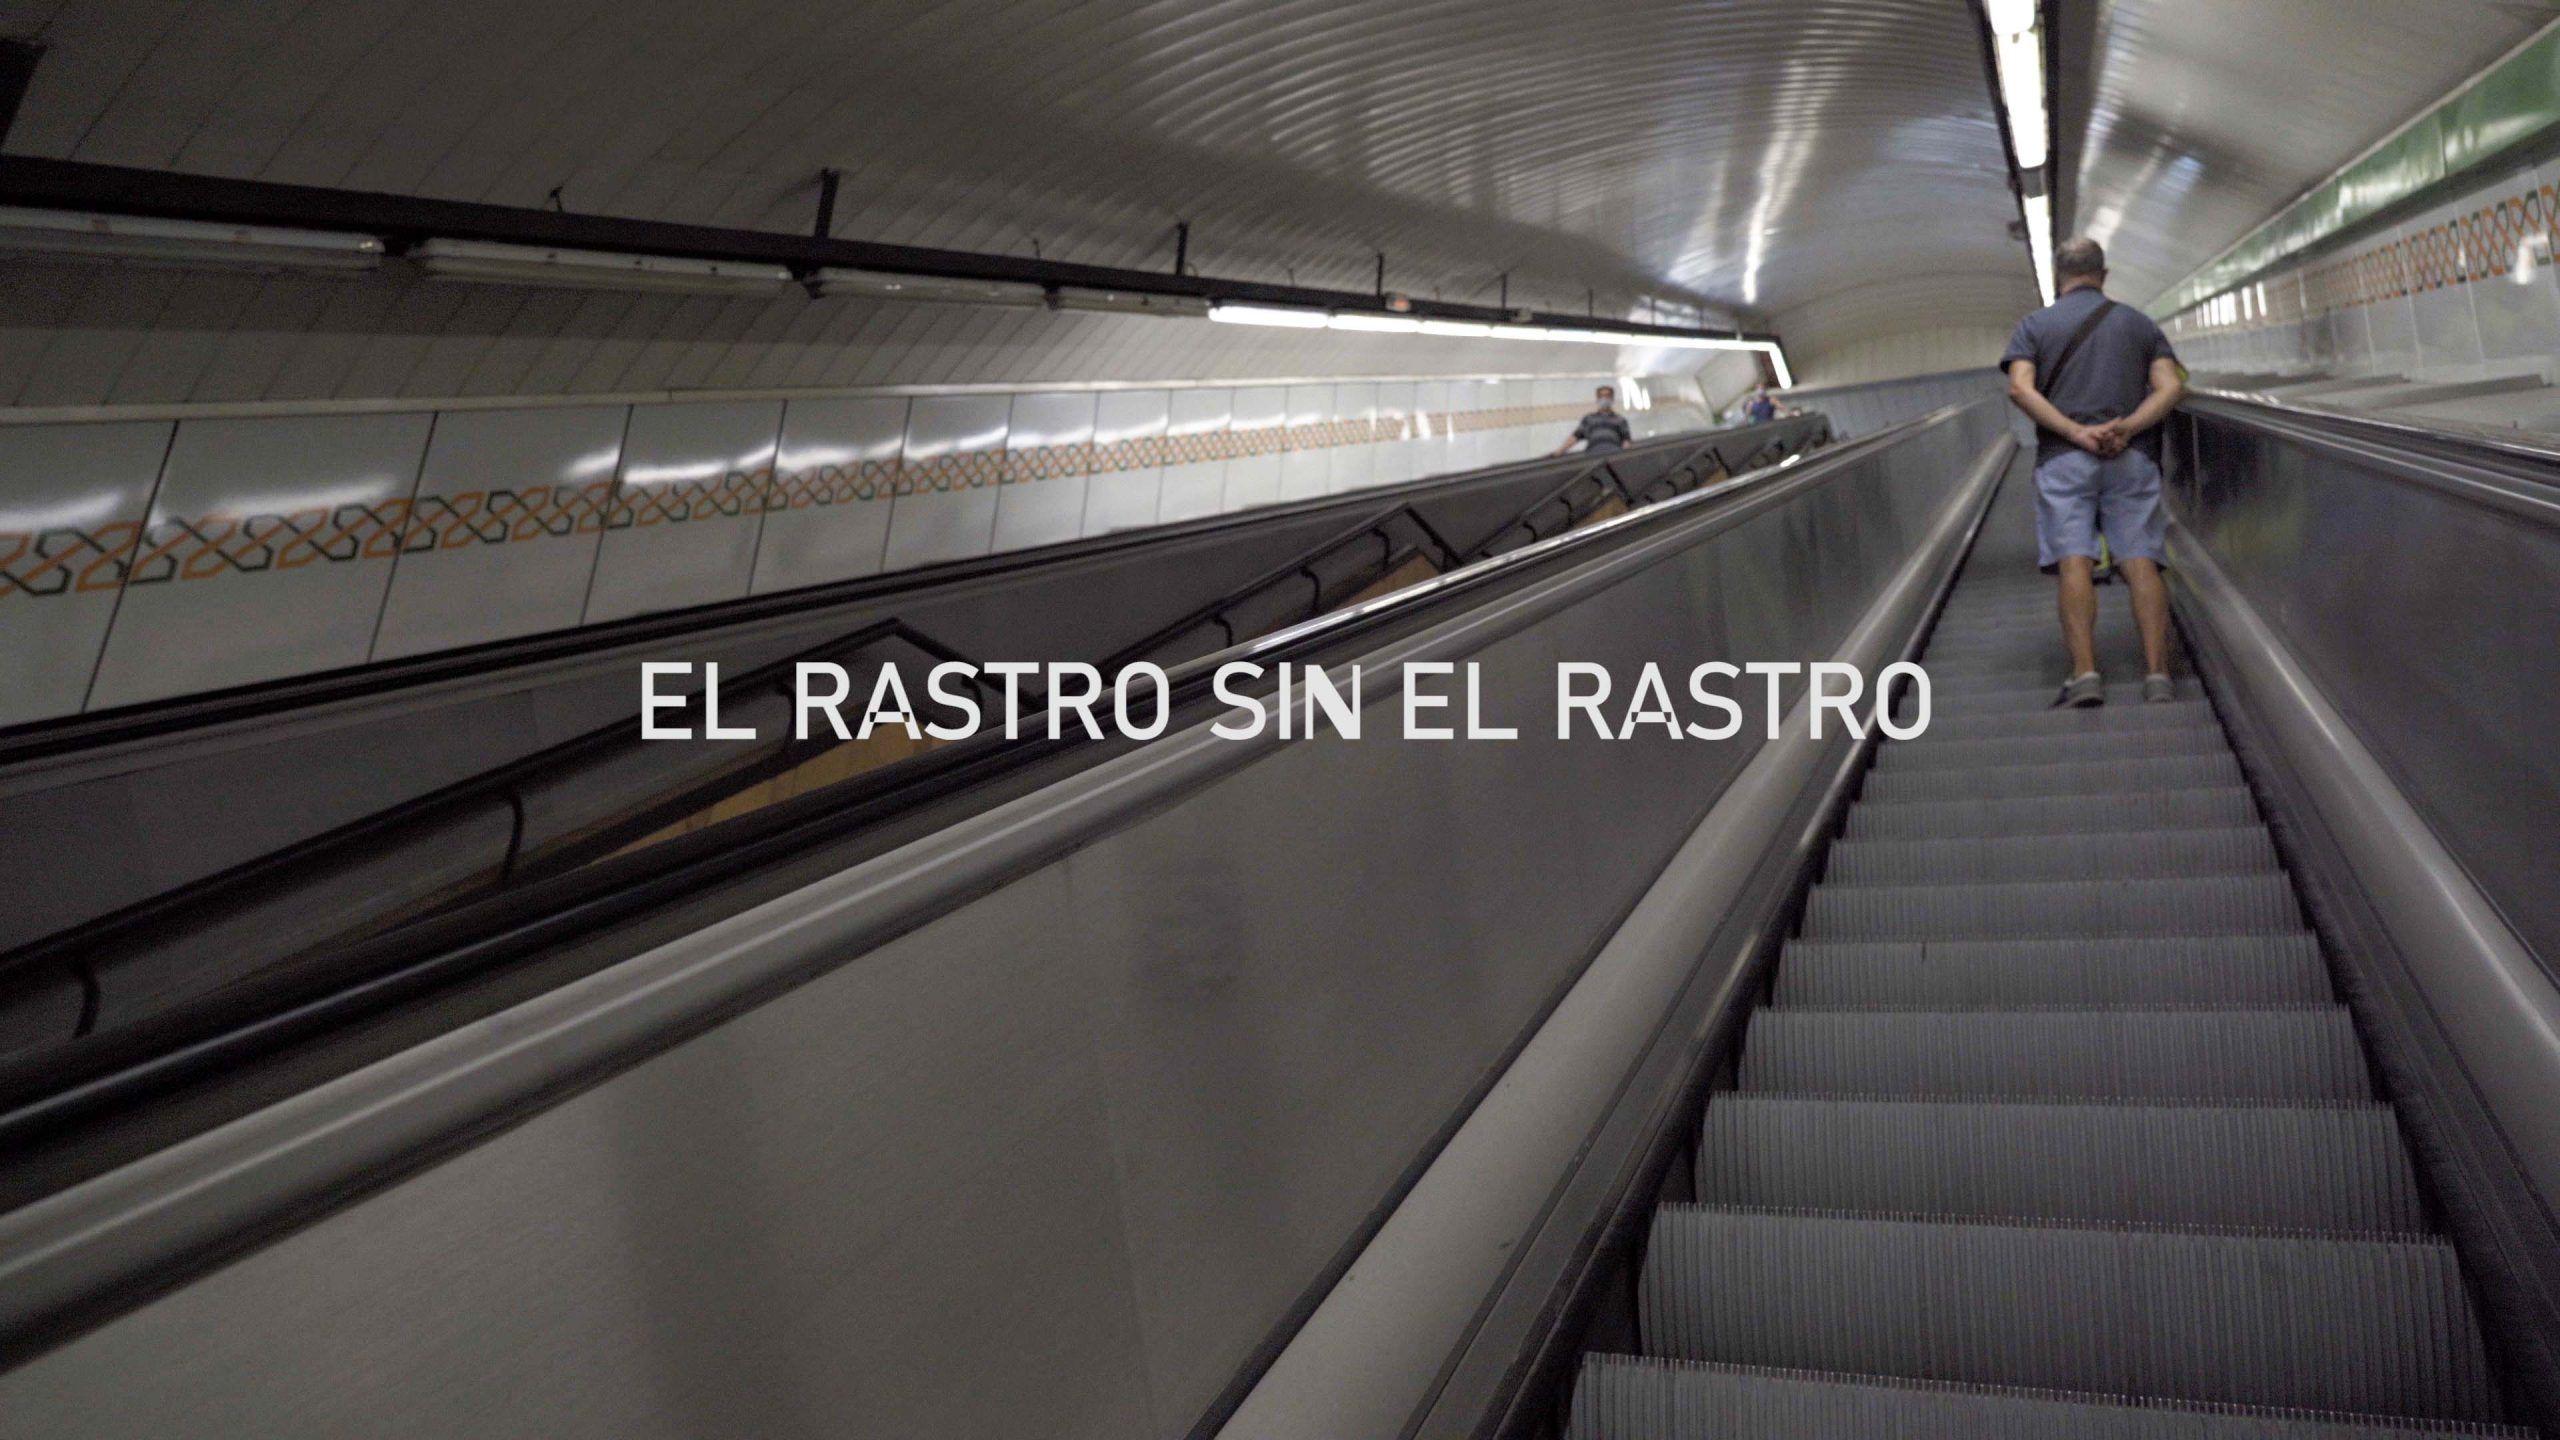 El Rastro Sin El Rastro